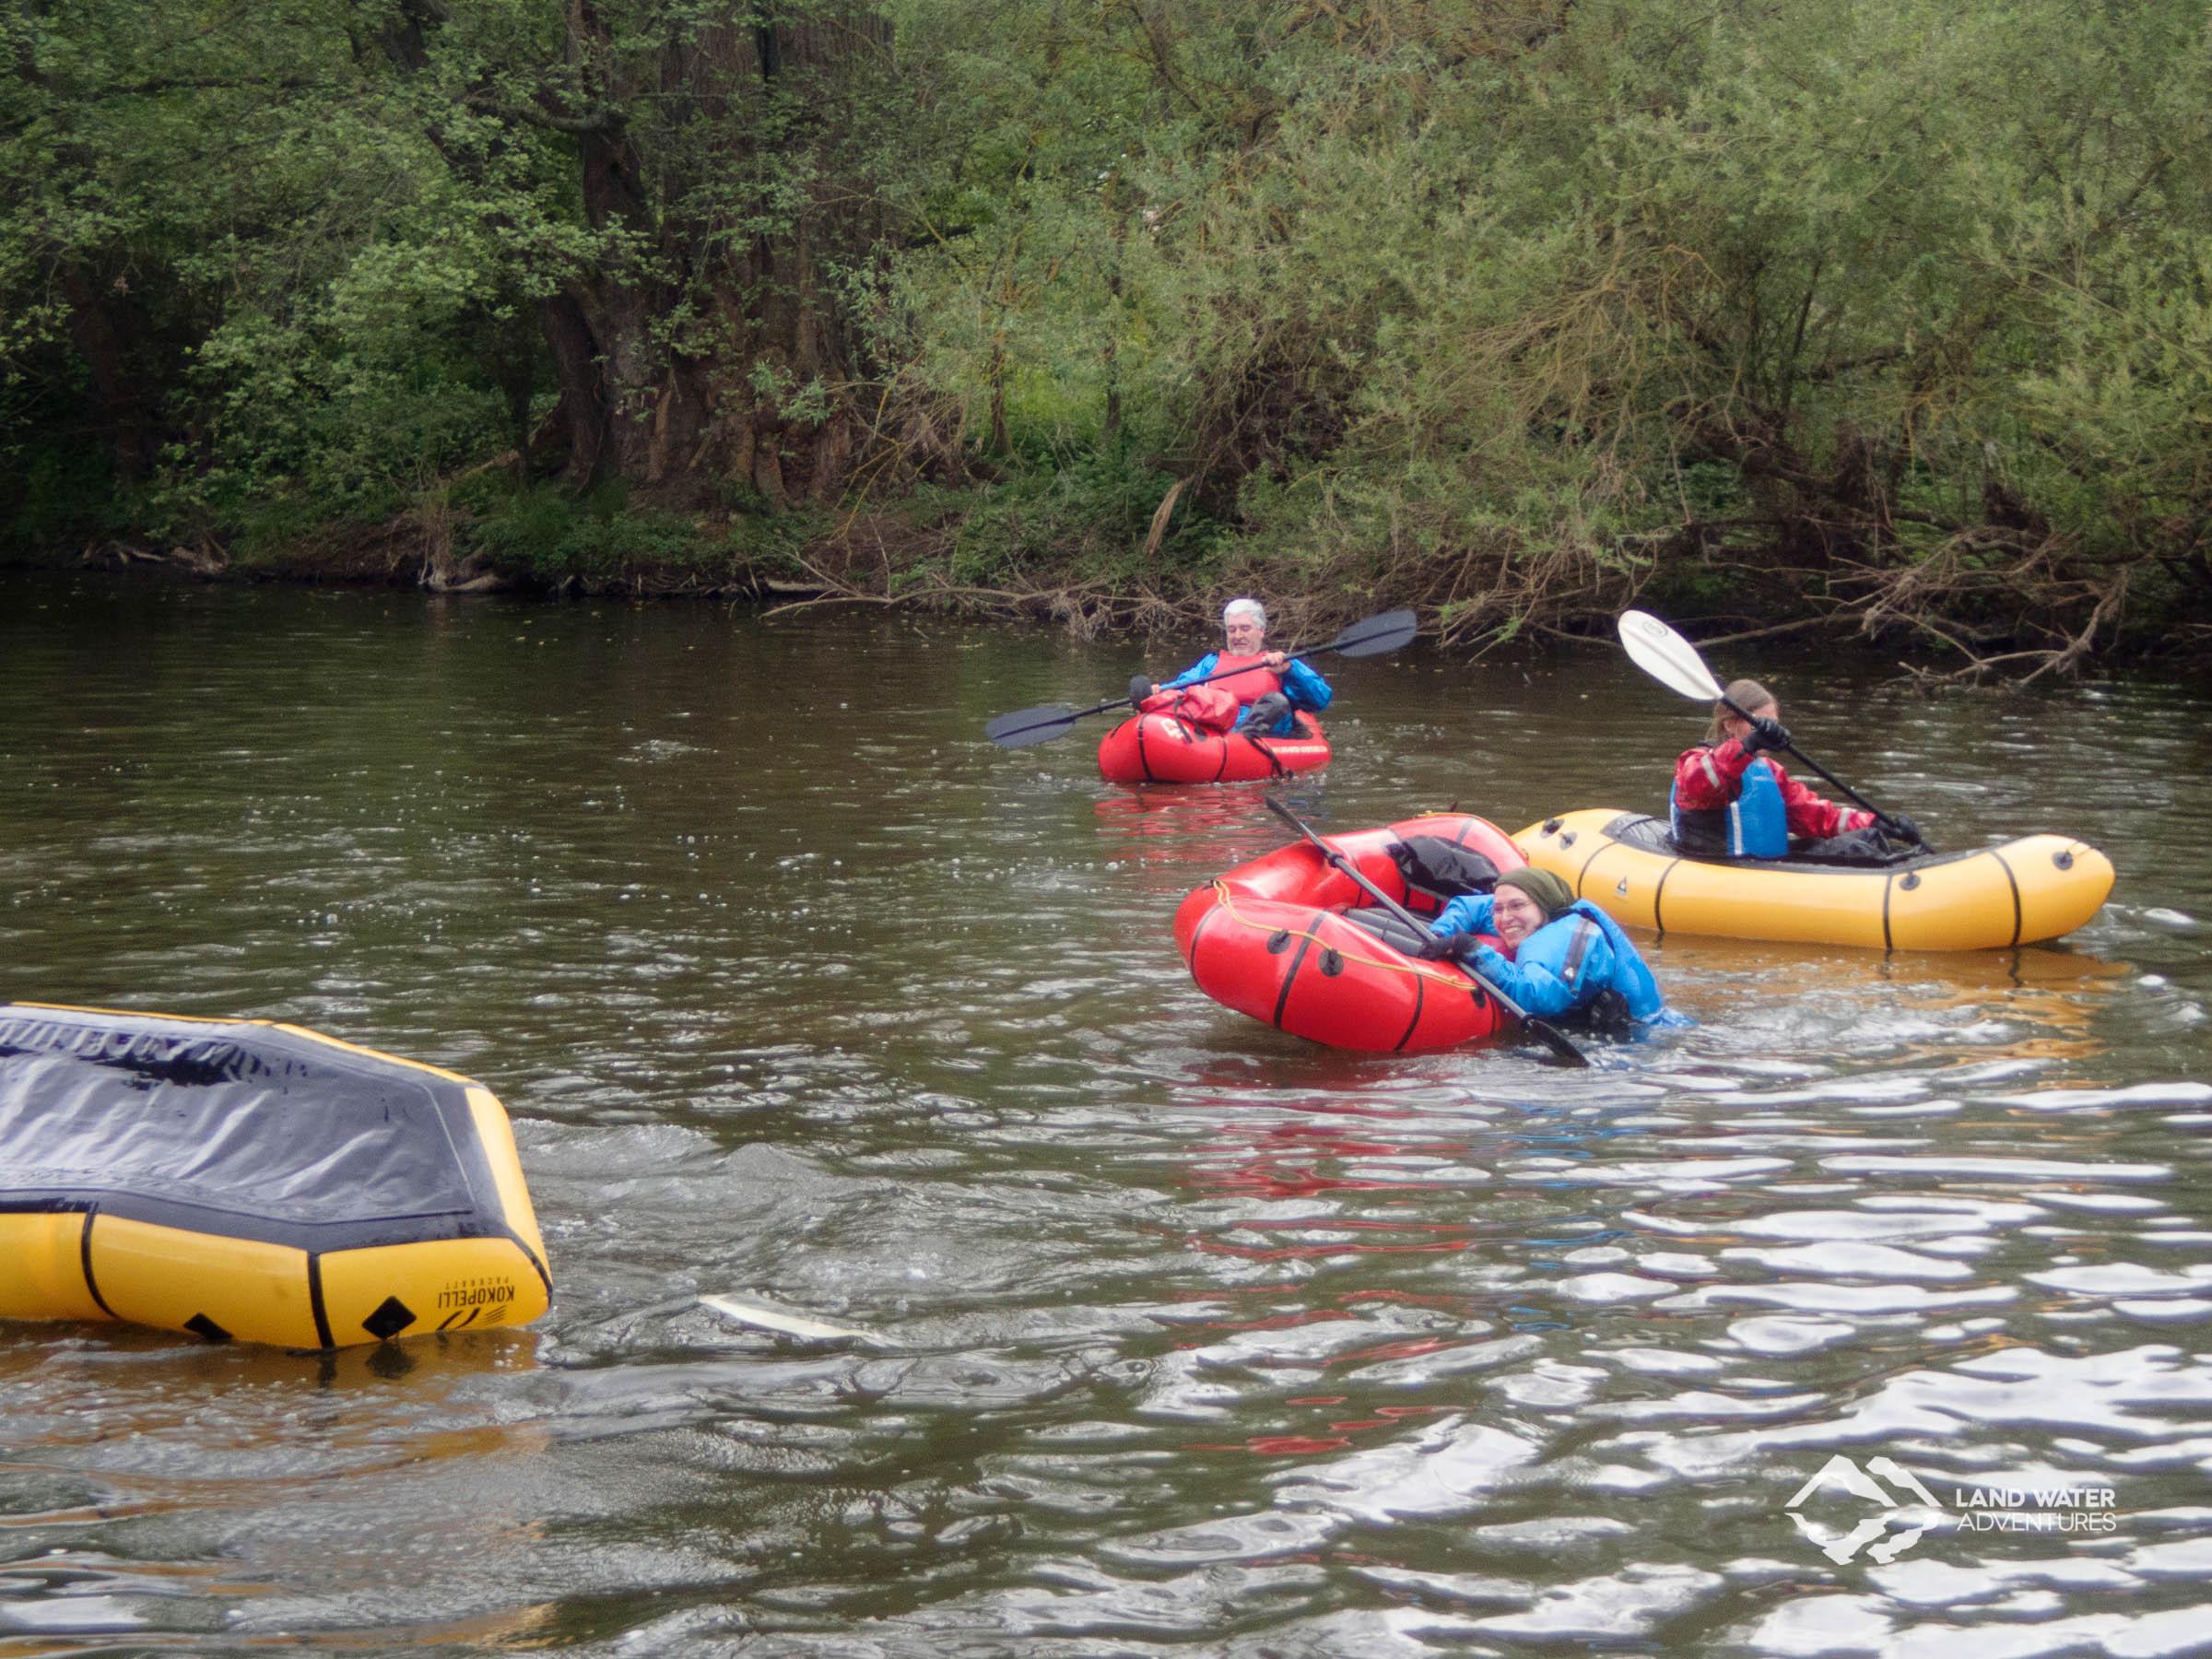 Kenterübungen auf der Nahe © Land Water Adventures